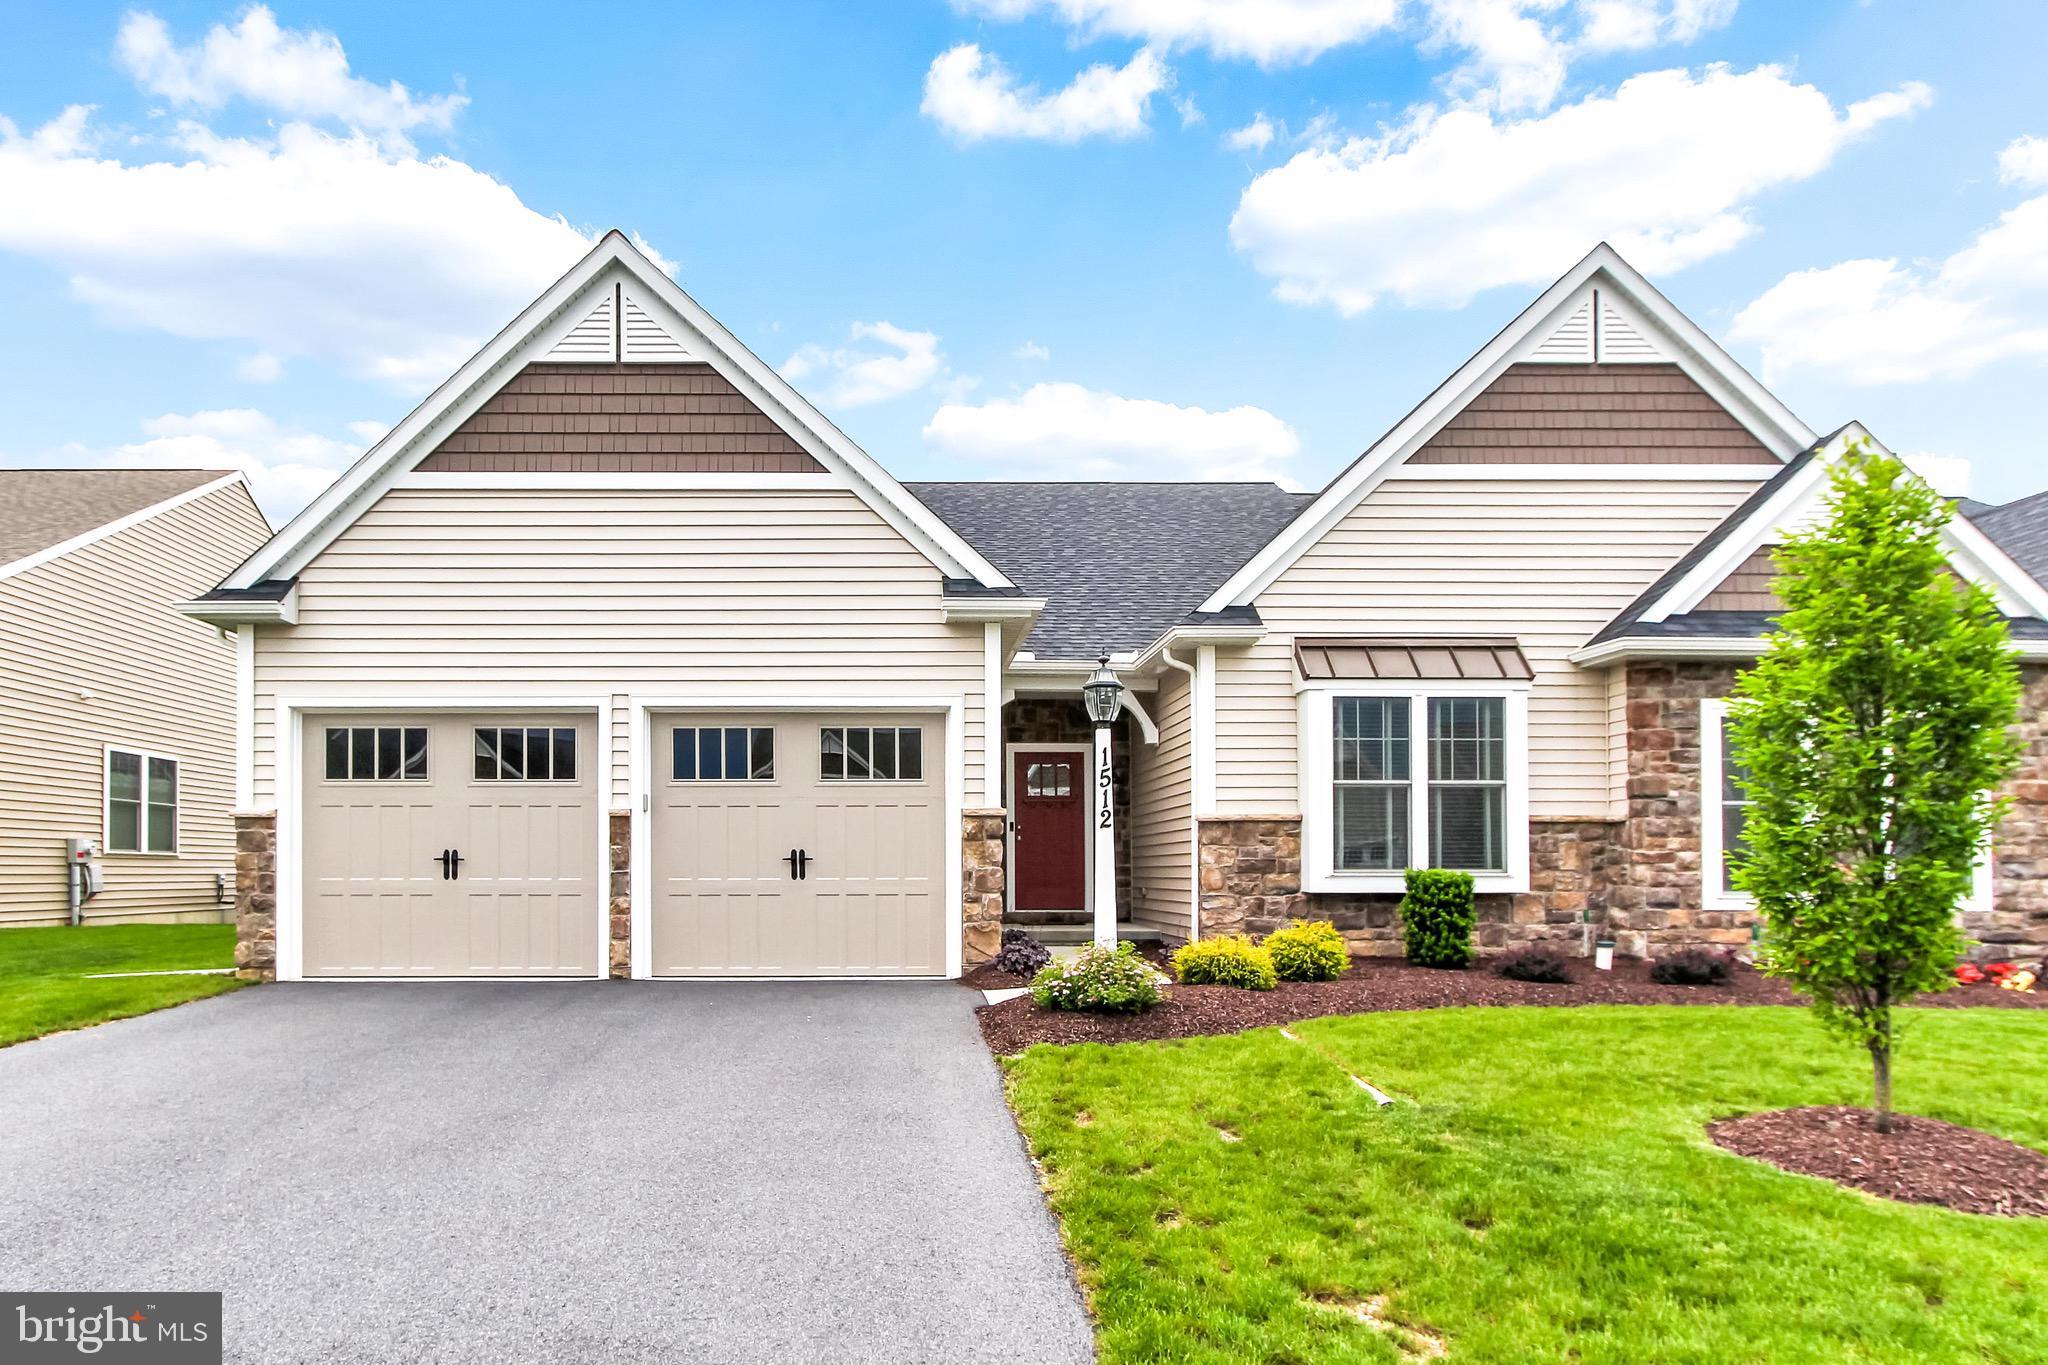 1512 Bloomfield Way, Landisville, PA 17538